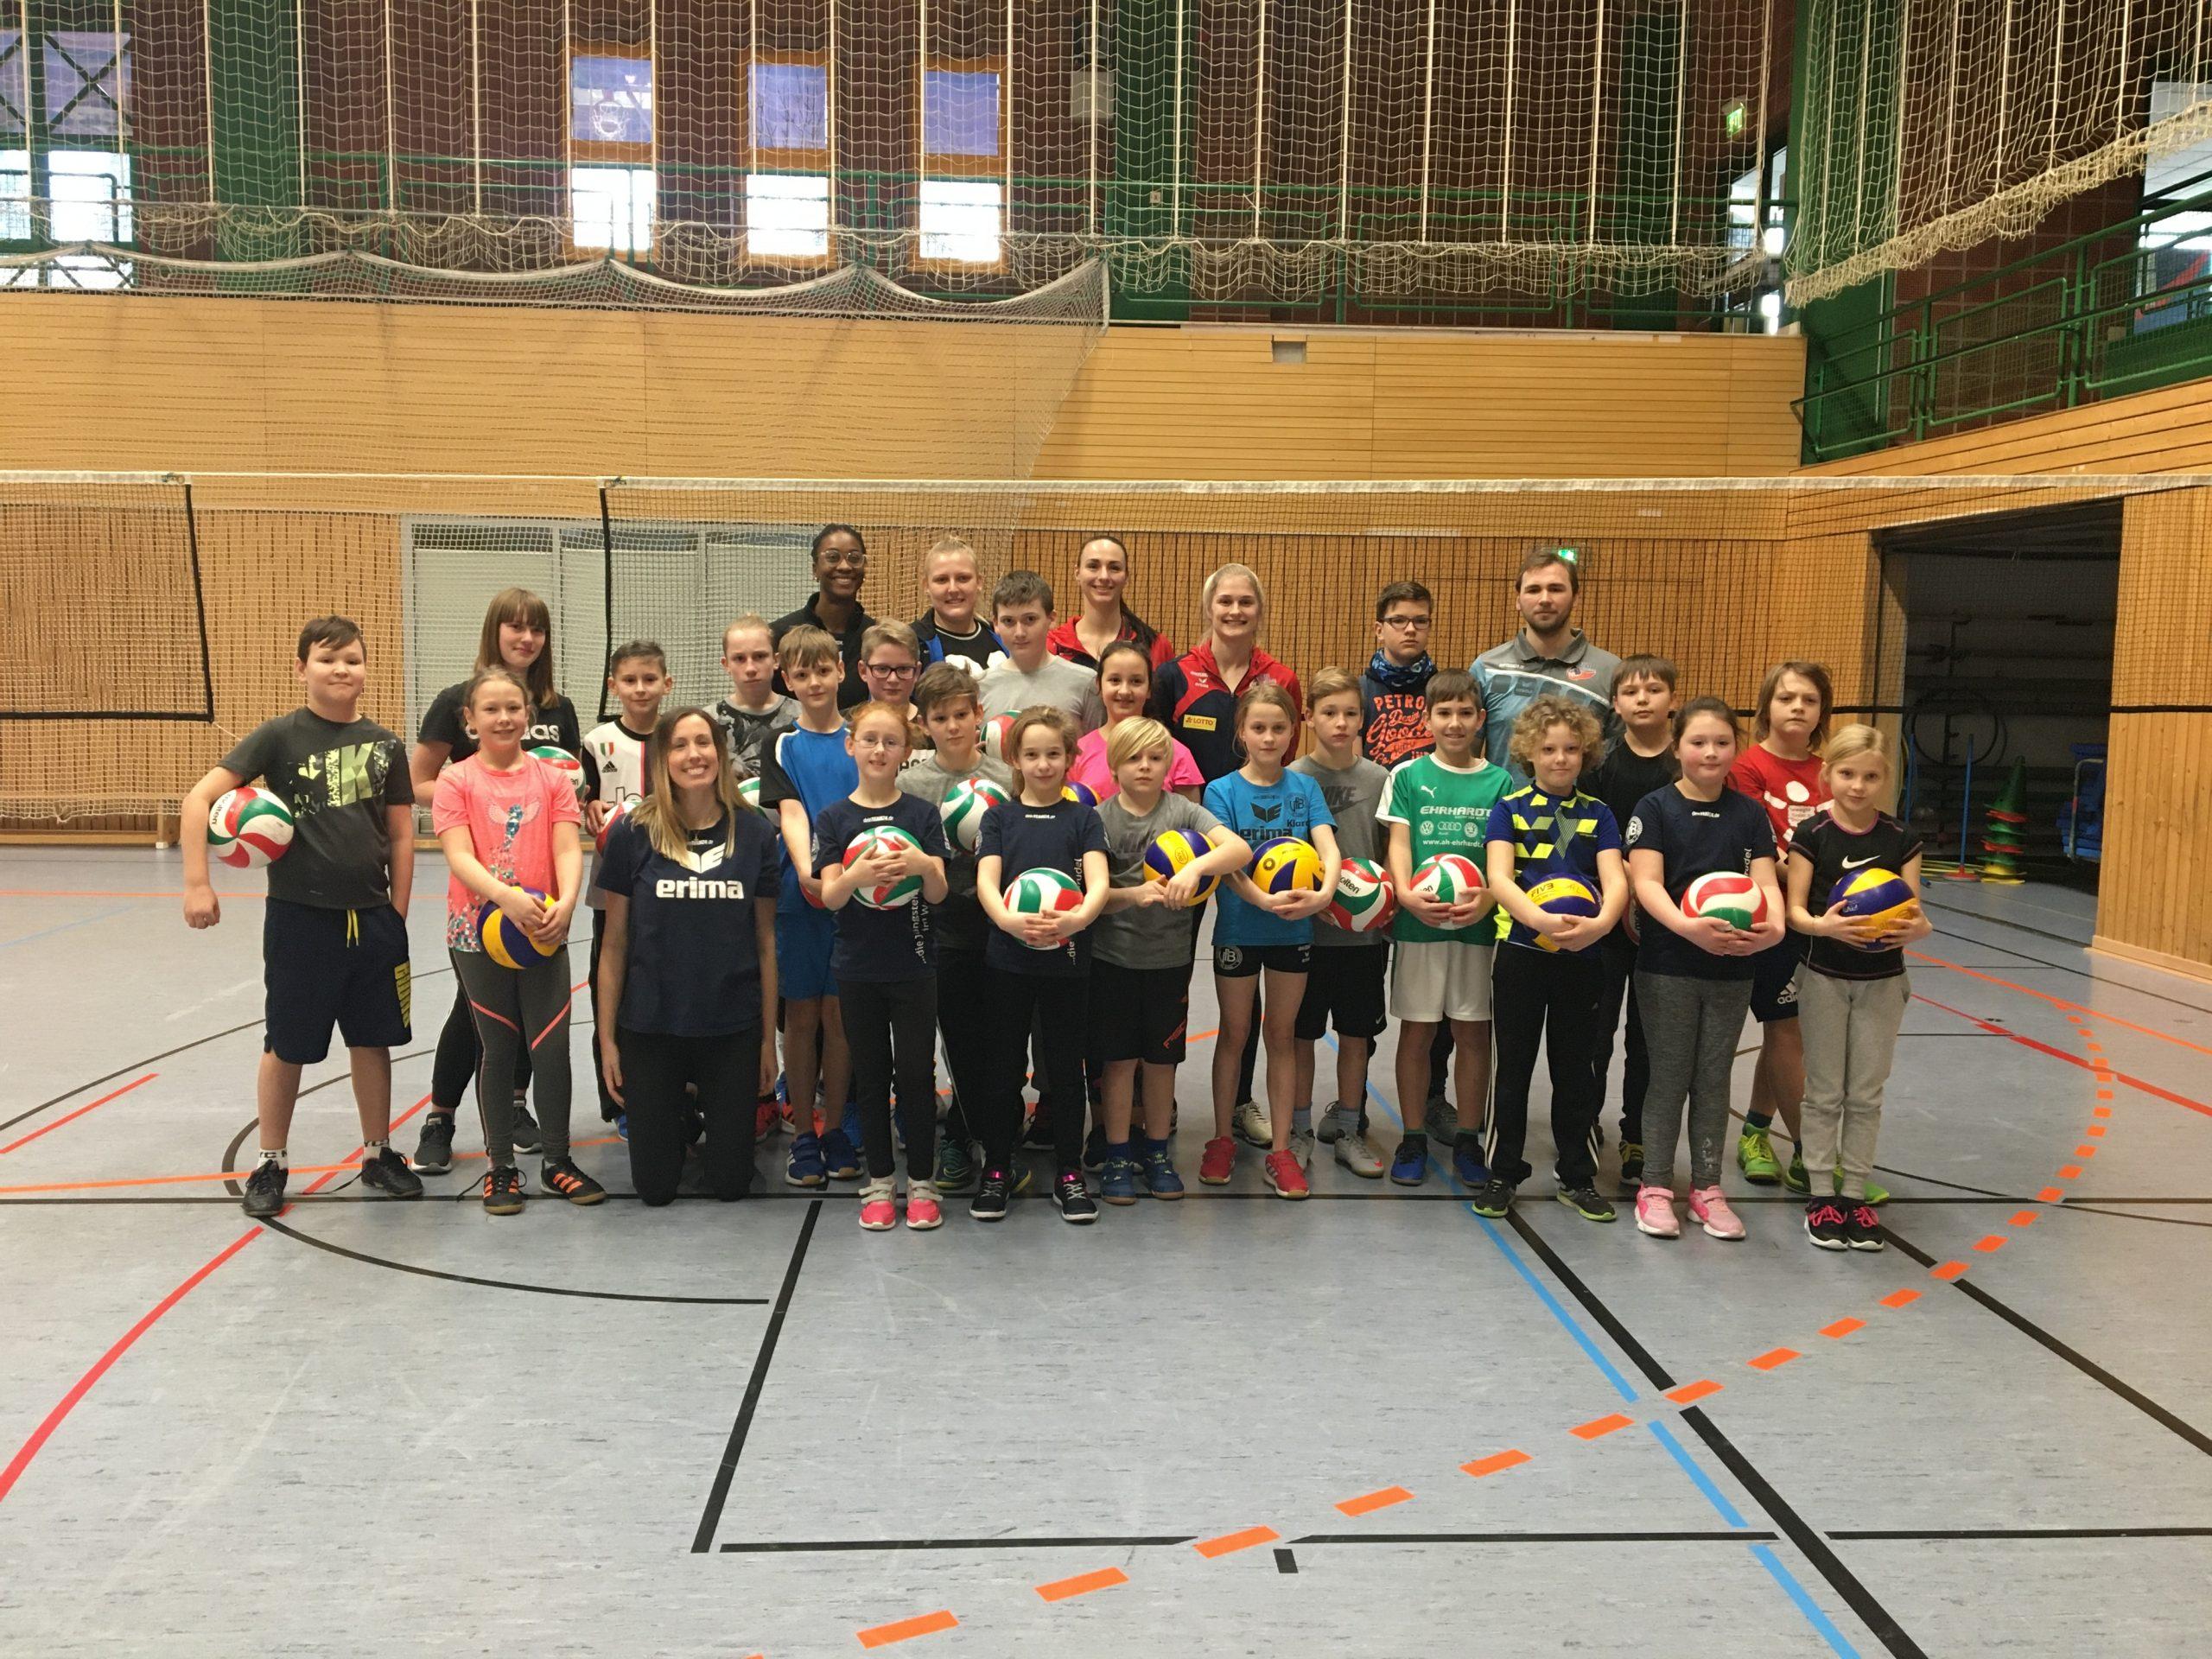 Volleyball macht Schule: Ferienfreizeit mit Bundesliga-Spielerinnen in Hildburghausen (09.02.2020)